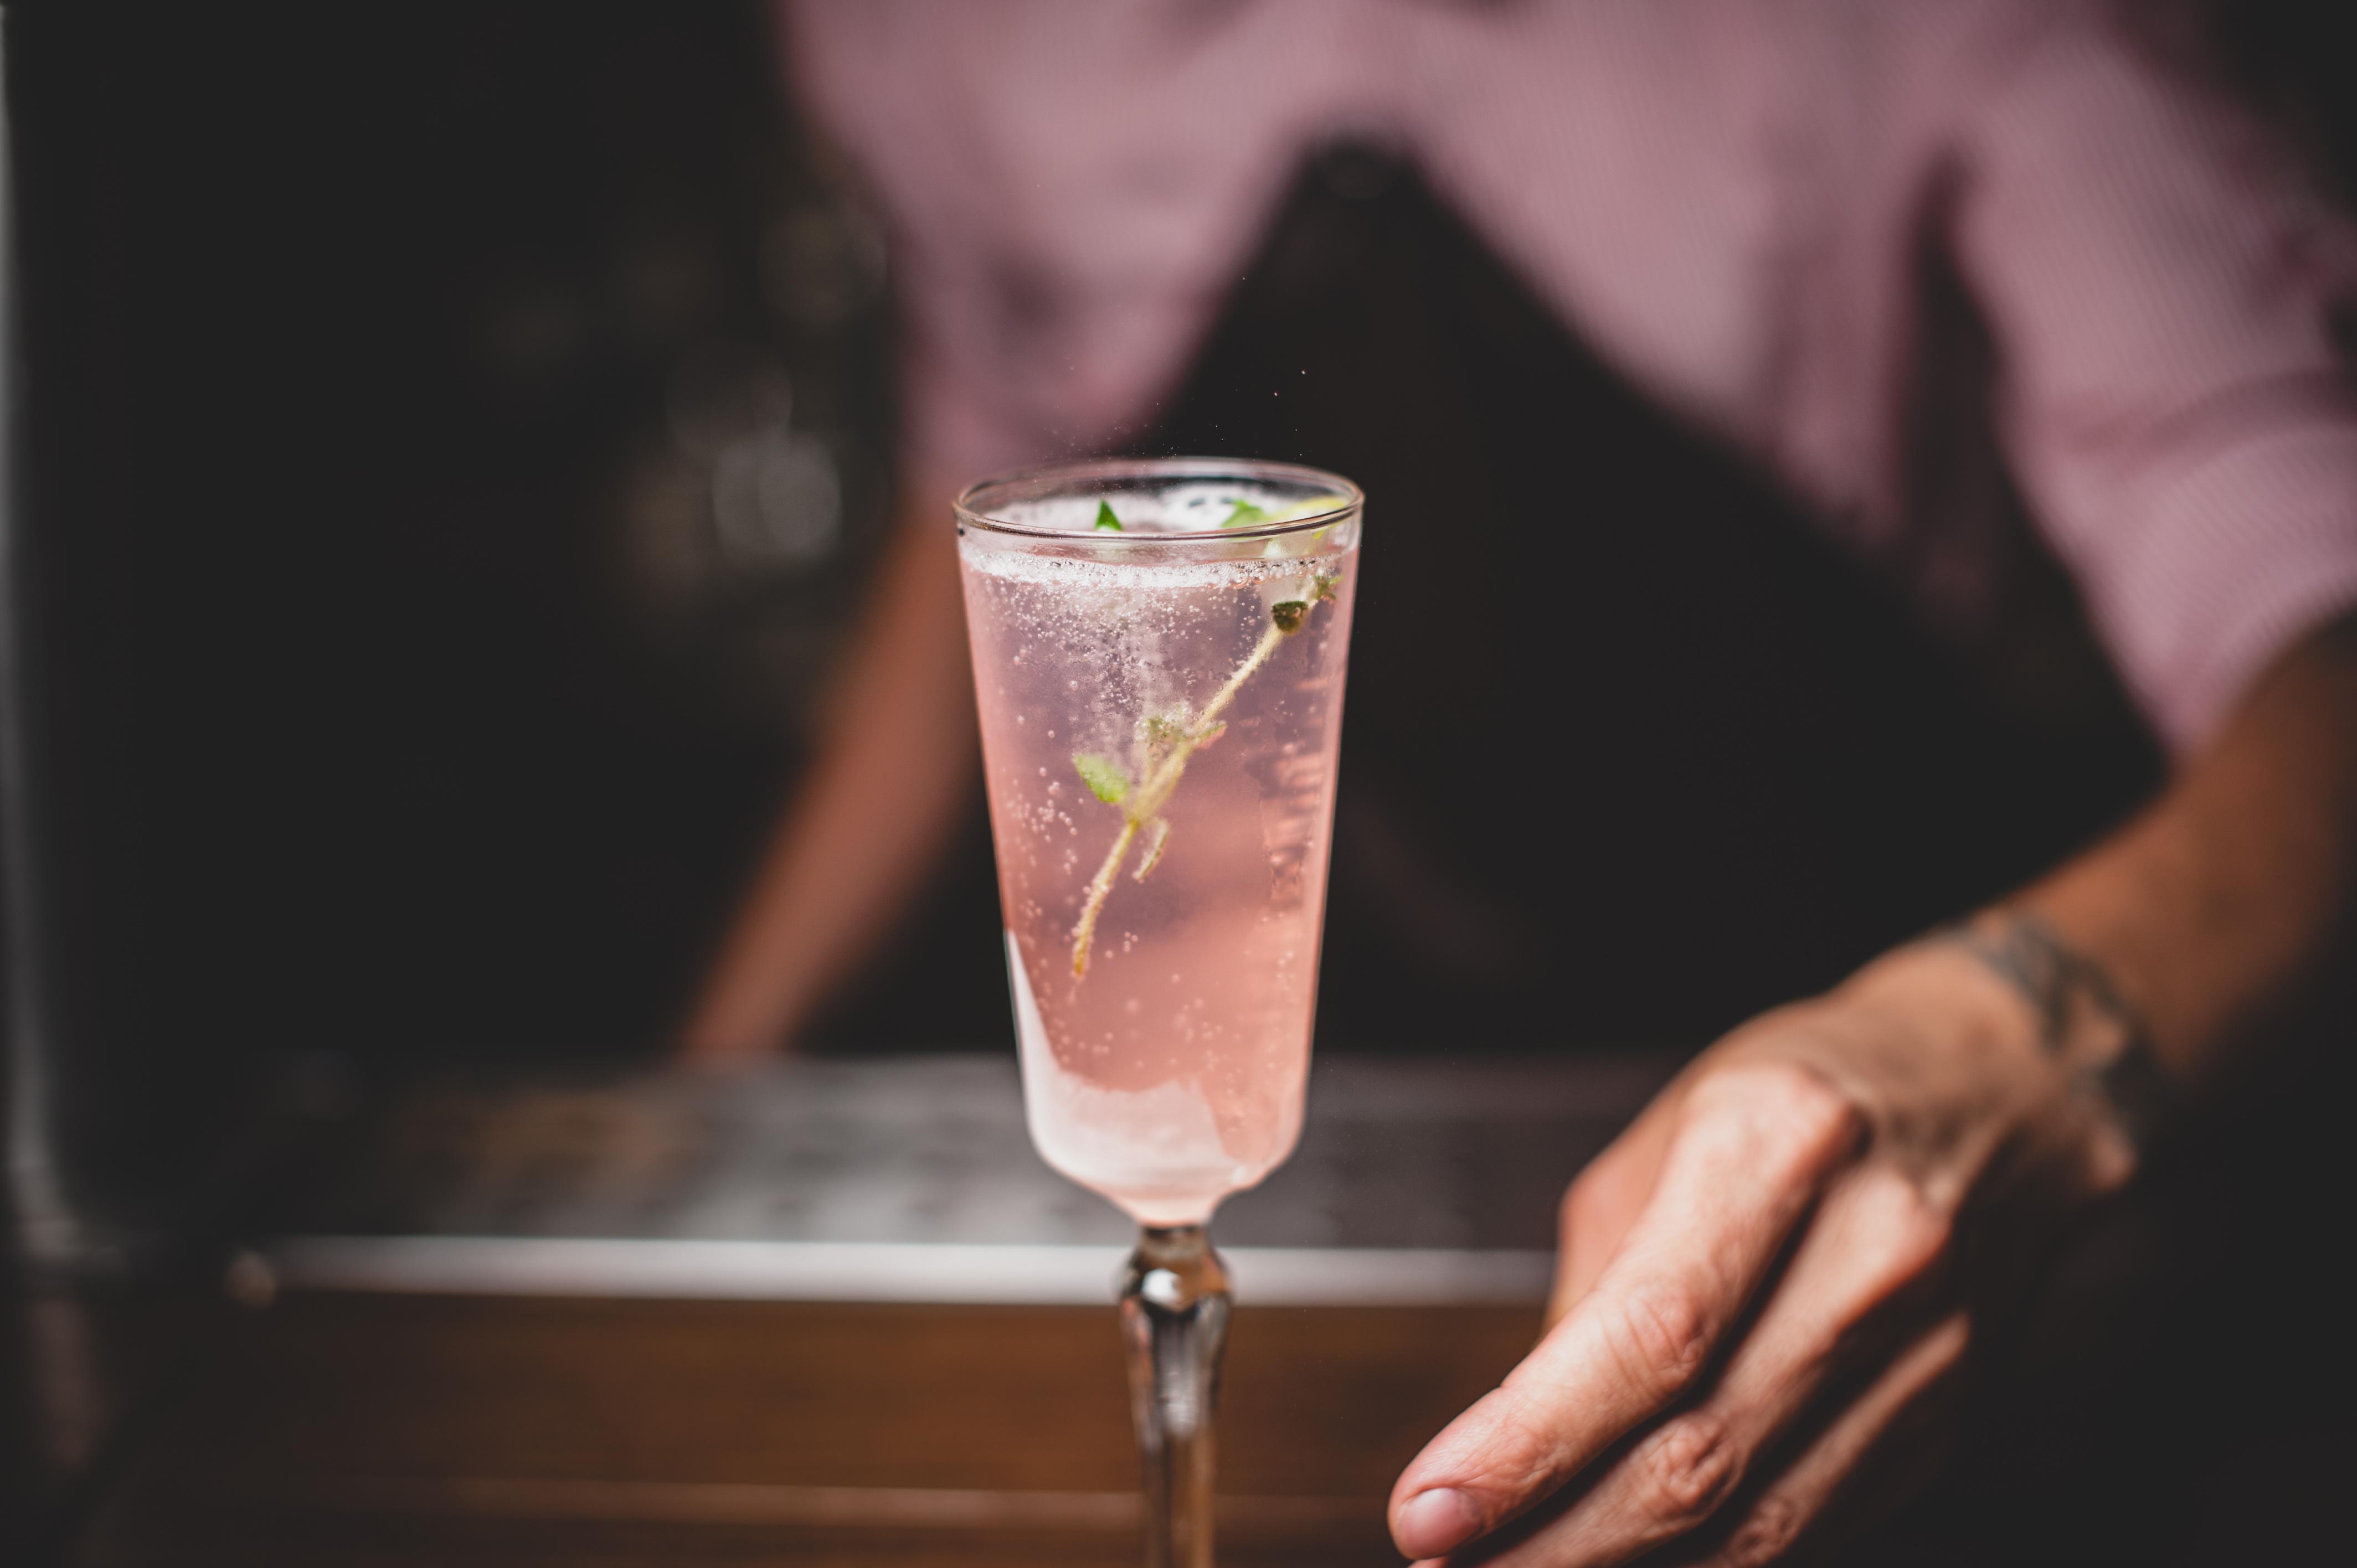 Recettes : 8 cocktails pour les fêtes de fin d'années - 4